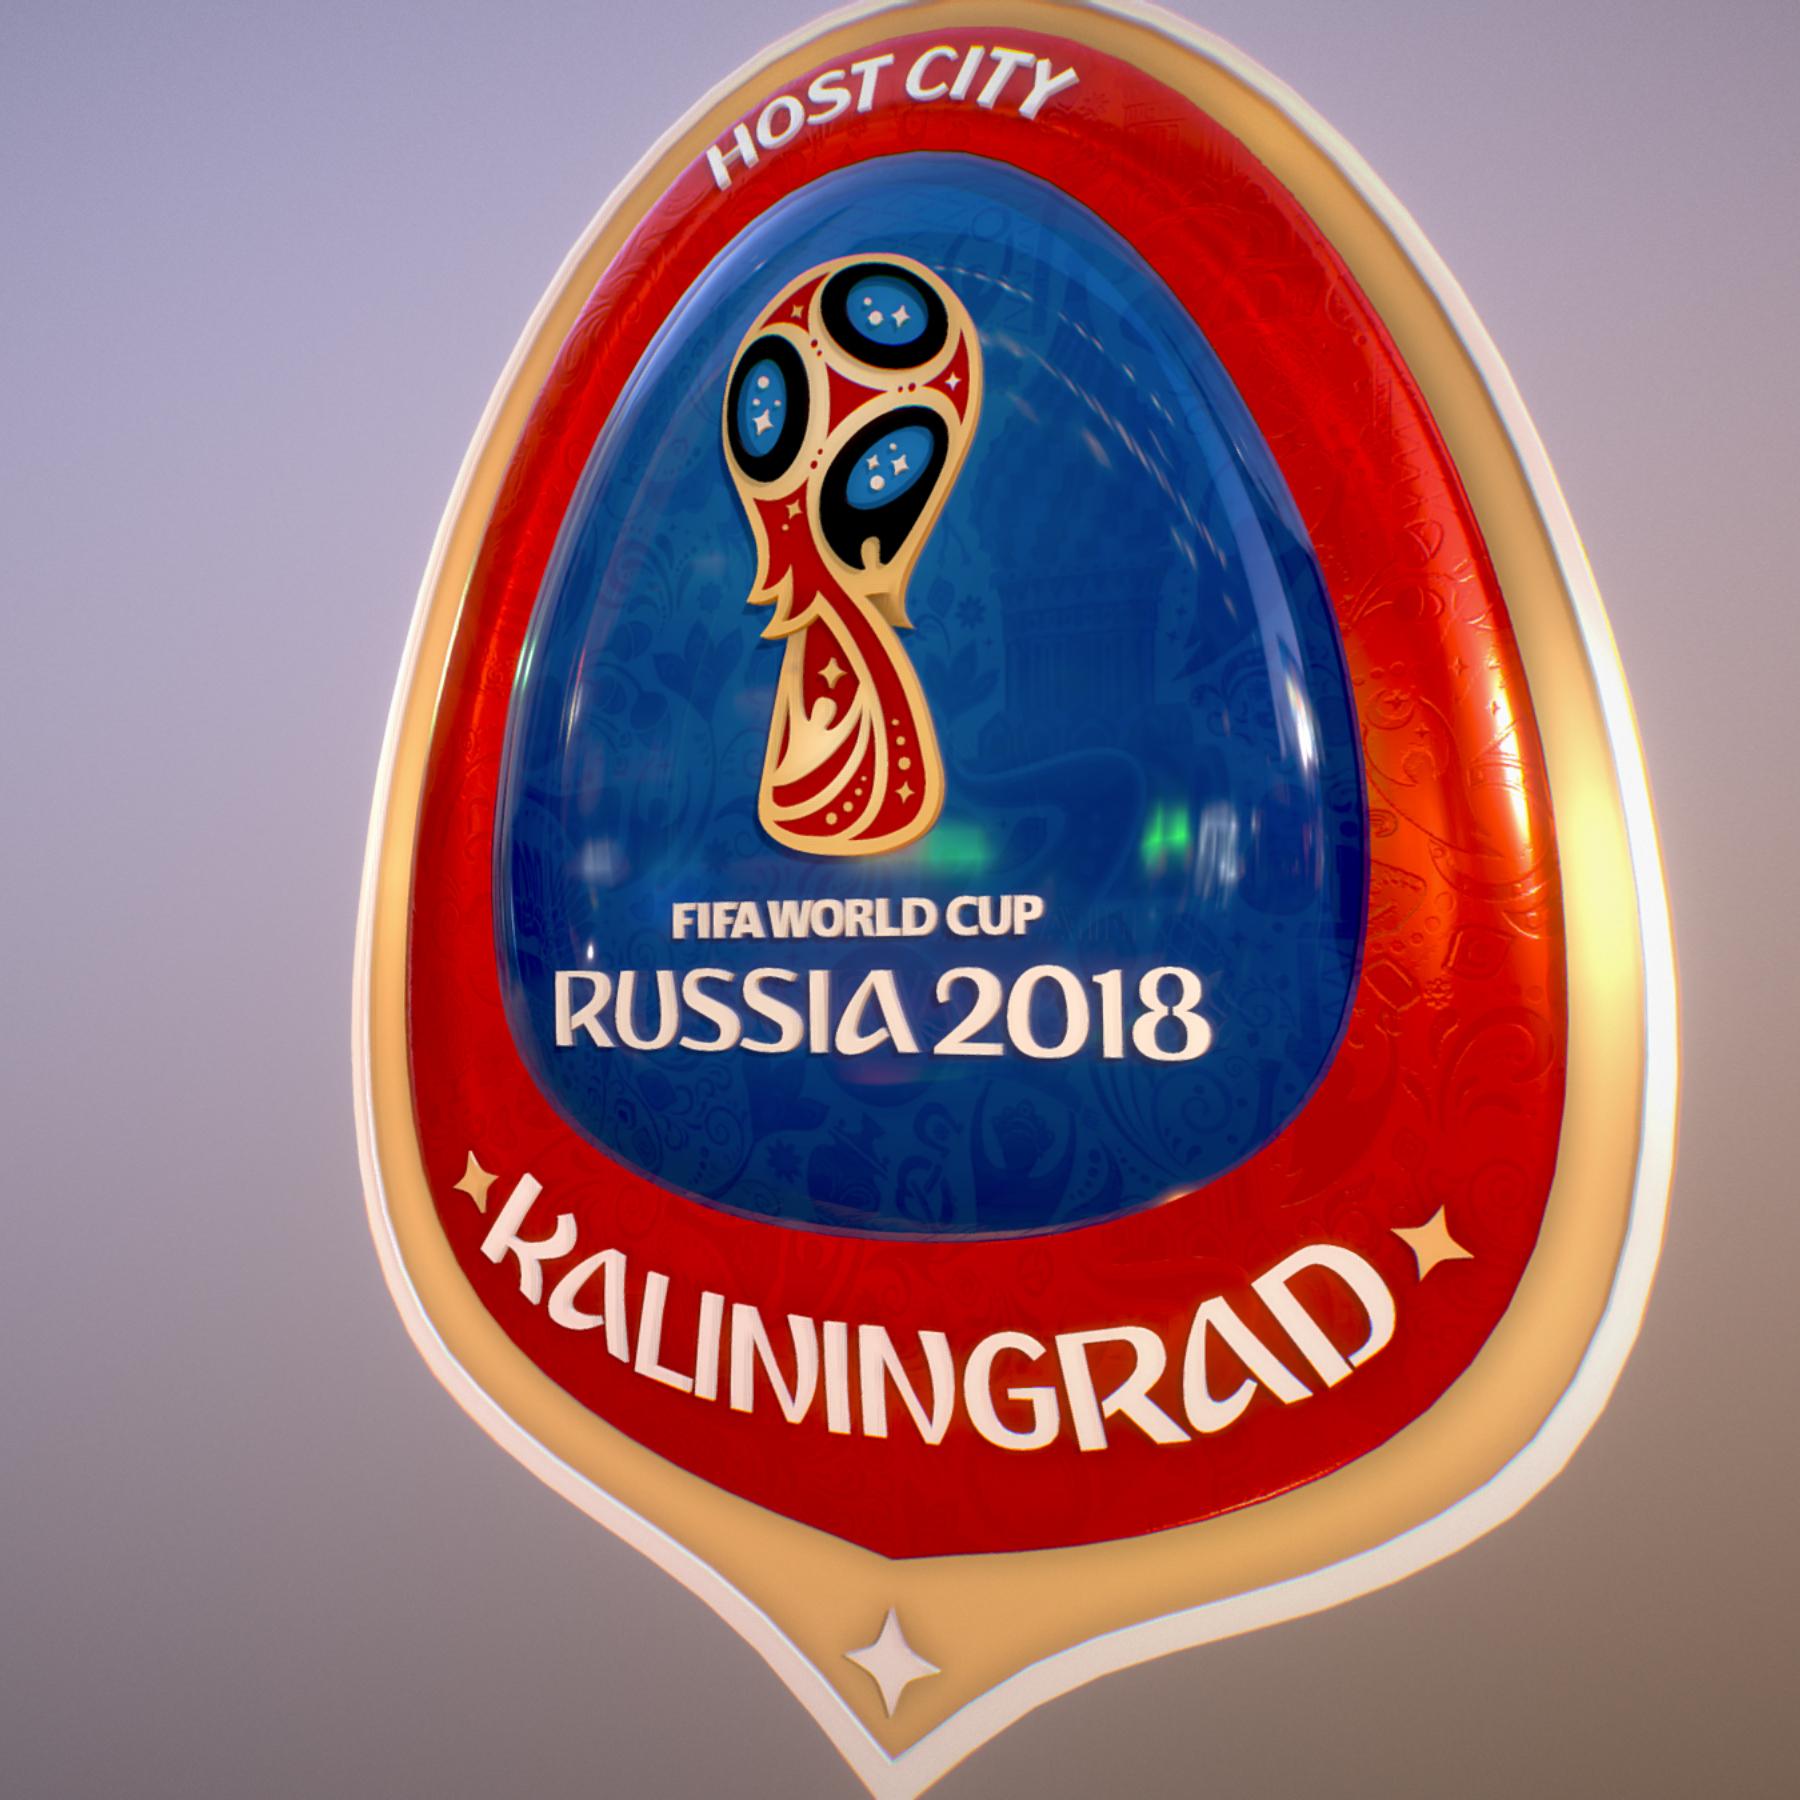 Kaliningrad City World Cup Russia 2018 Symbol 3d model max 3ds max plugin fbx jpeg ma mb obj 271751